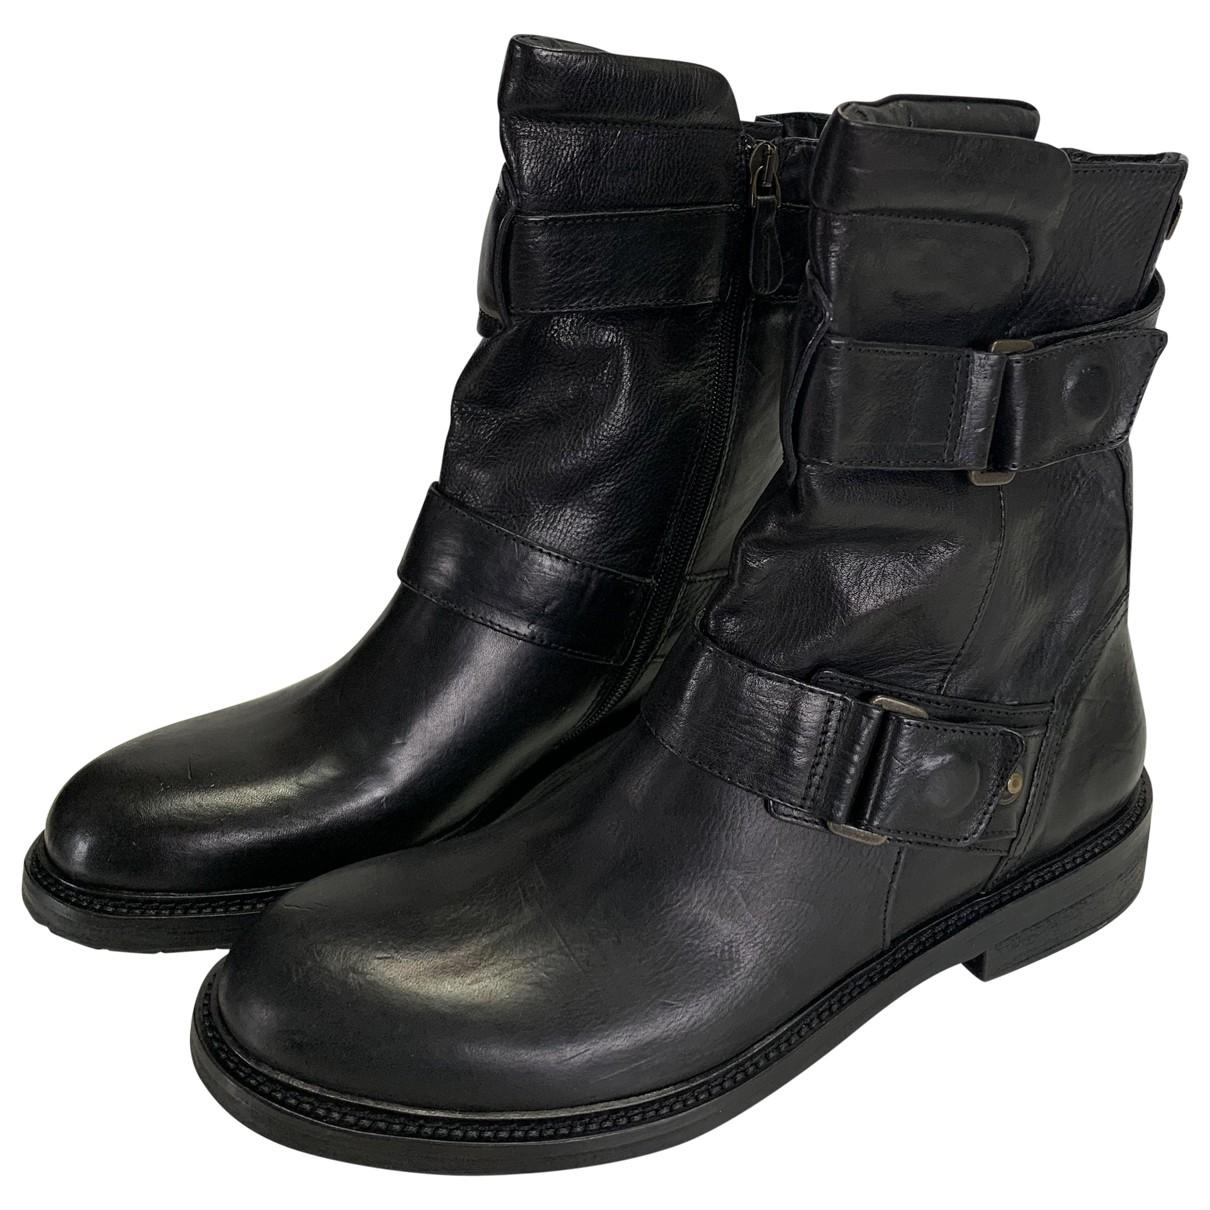 Matchless - Boots   pour femme en cuir - noir